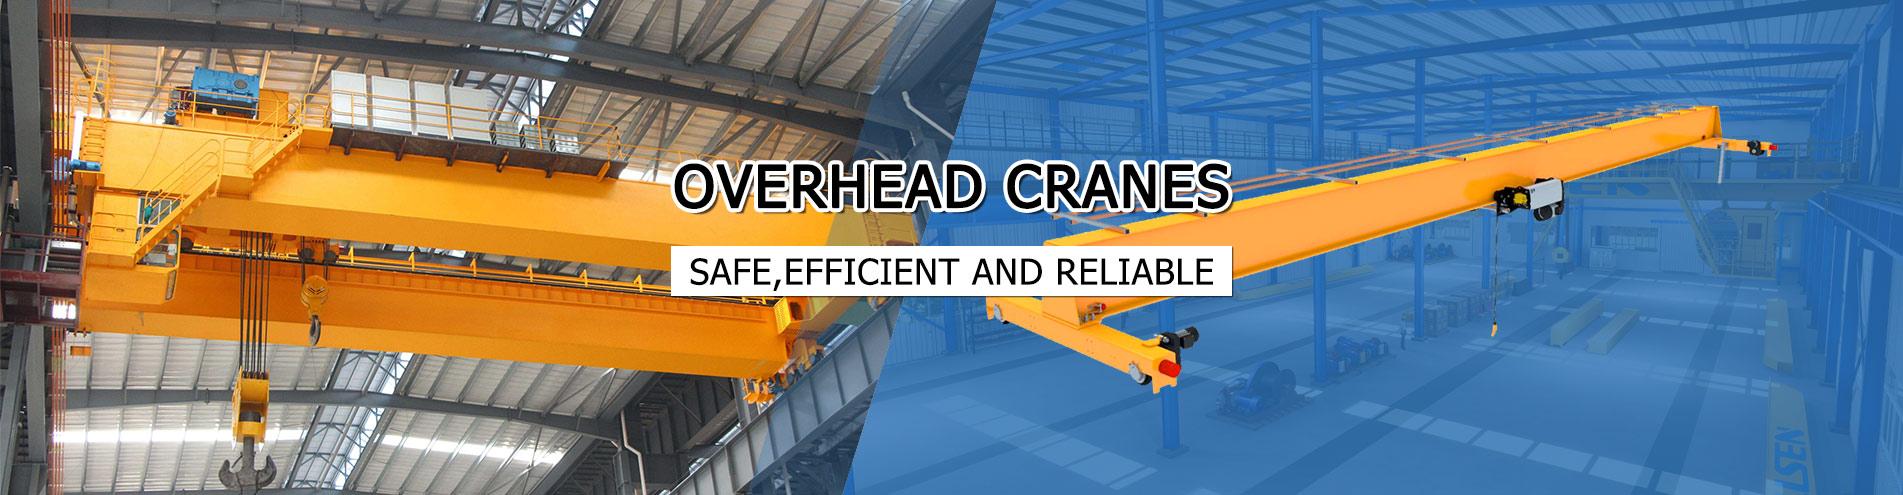 Ellsen overhead cranes